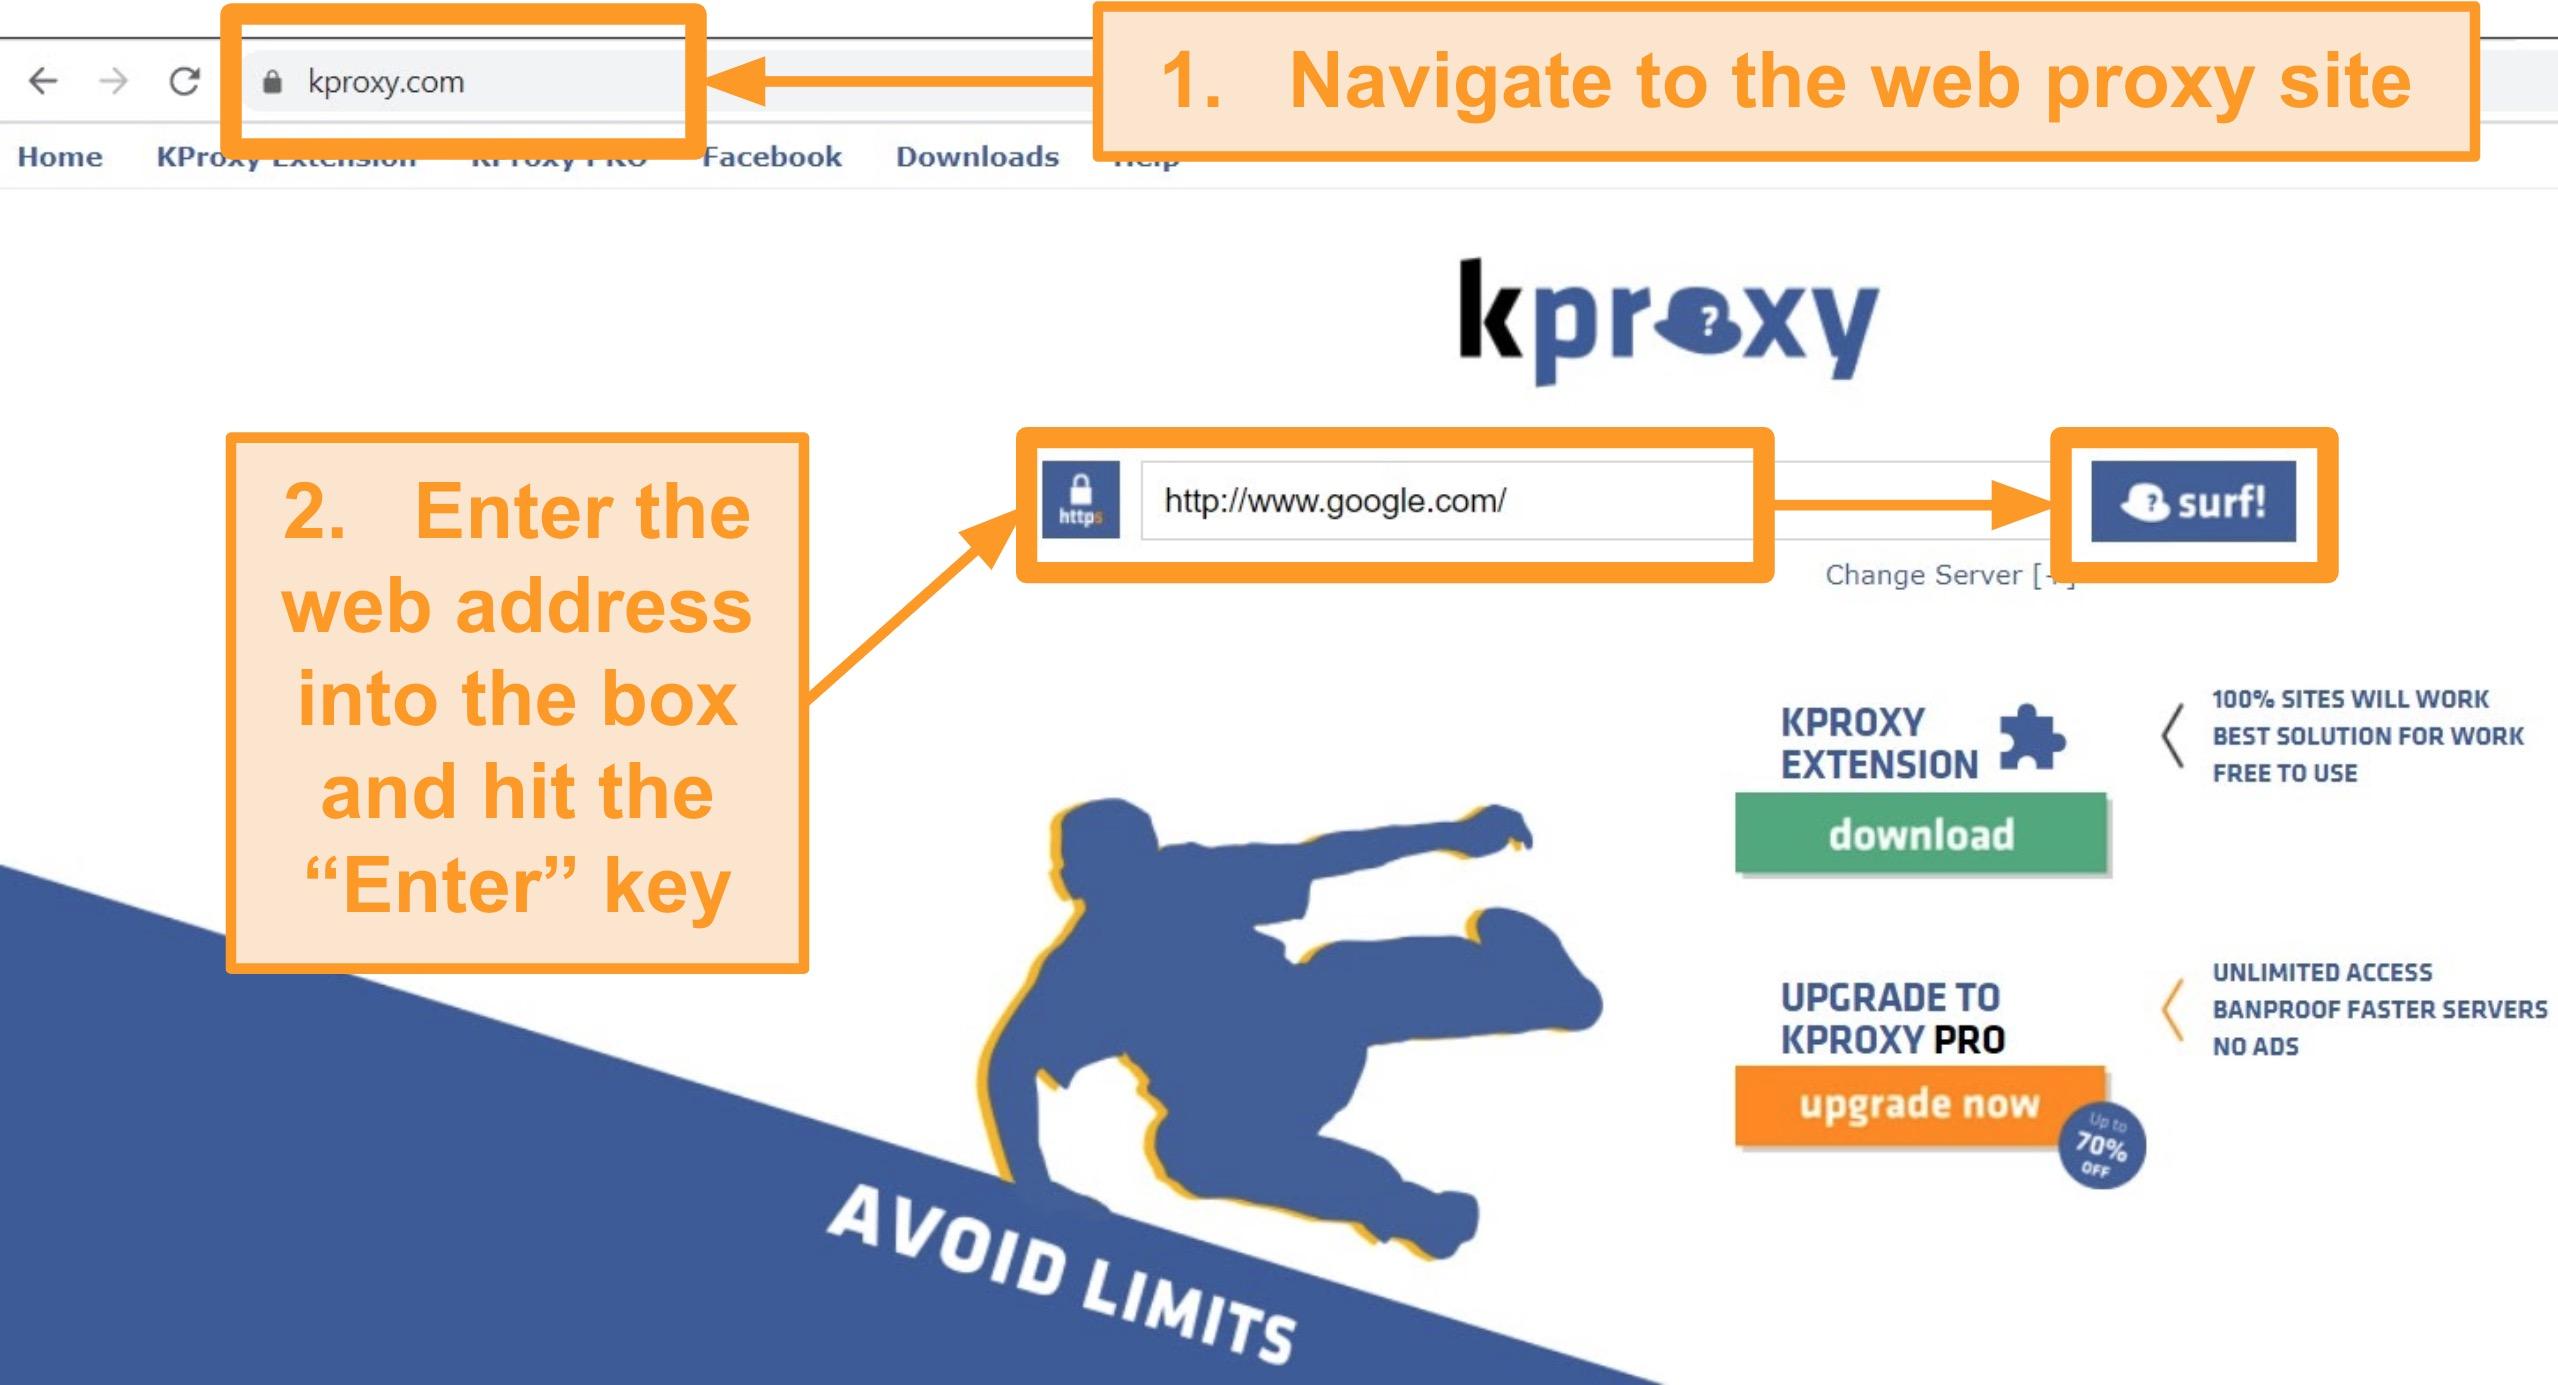 Screenshot of KProxy landing page